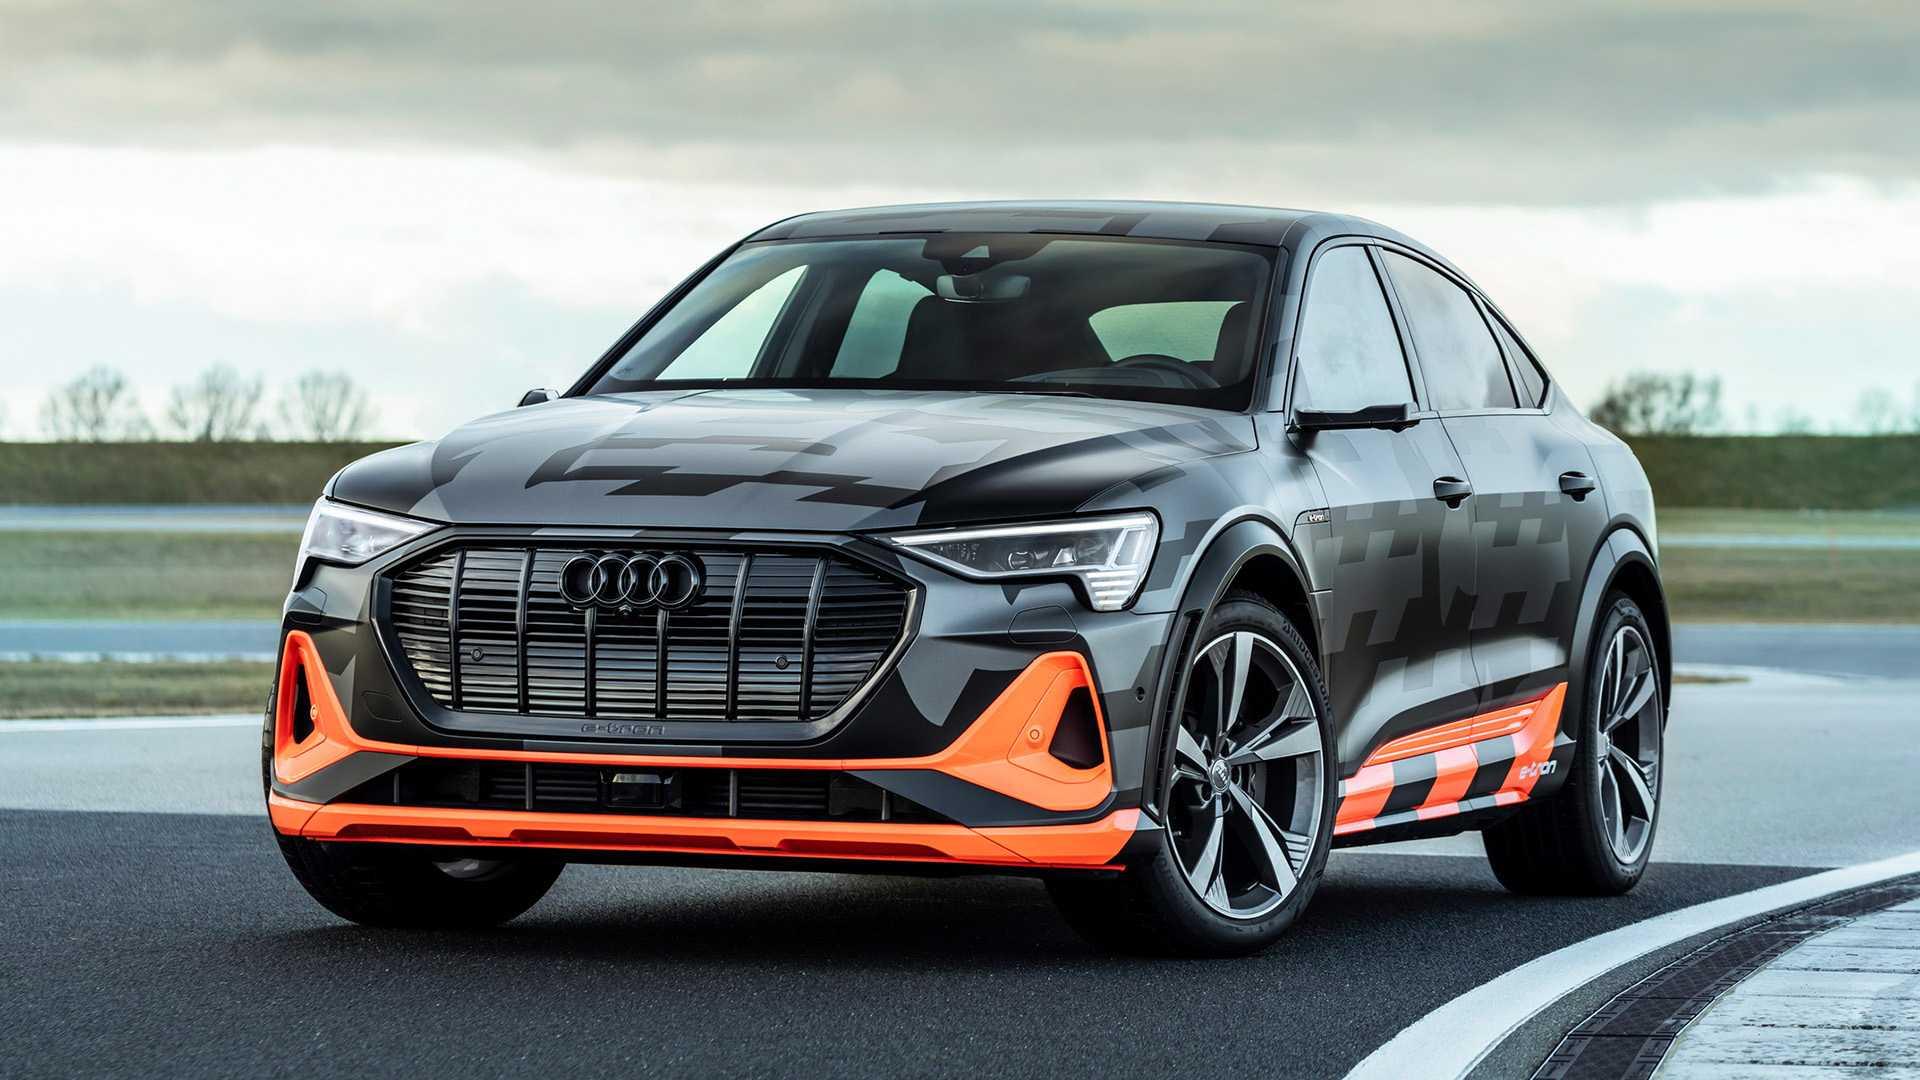 Электромобили Ауди - Audi e-tron